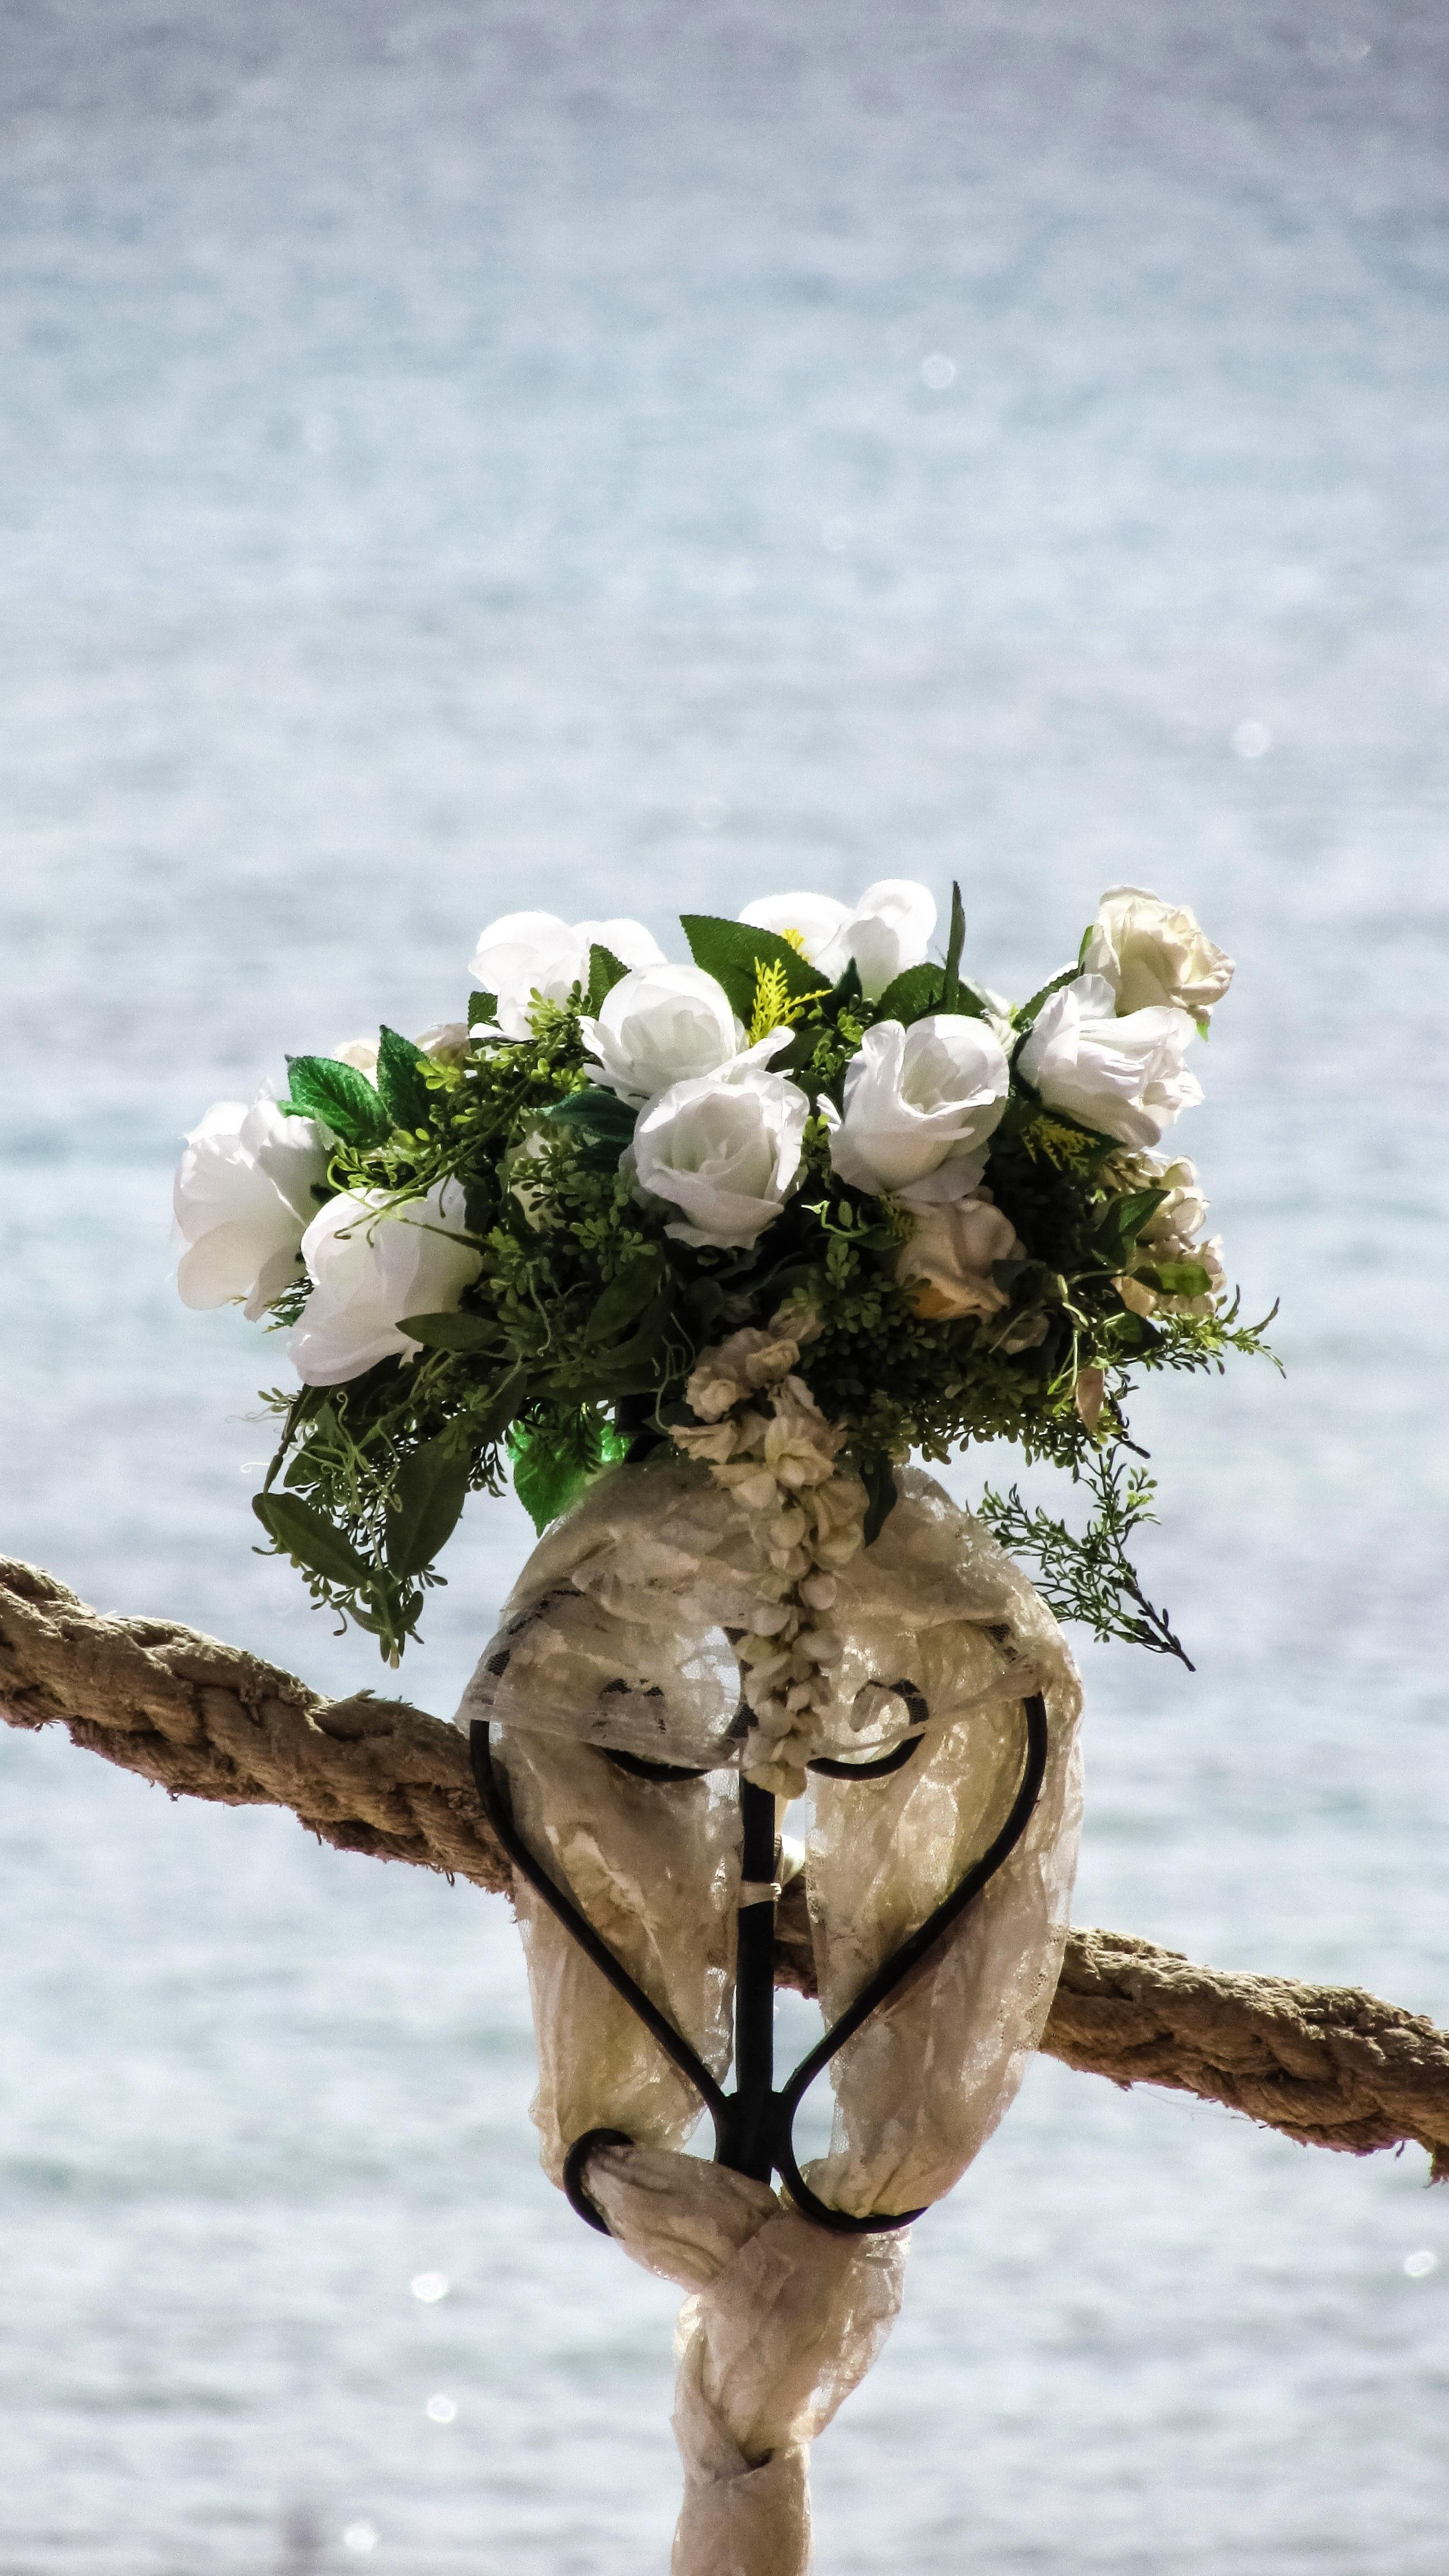 fe67b26056 vetva kvet rastlina kvetina kytice výzdoba jar romance romantický svadobné  flóra svadobné dekorácie